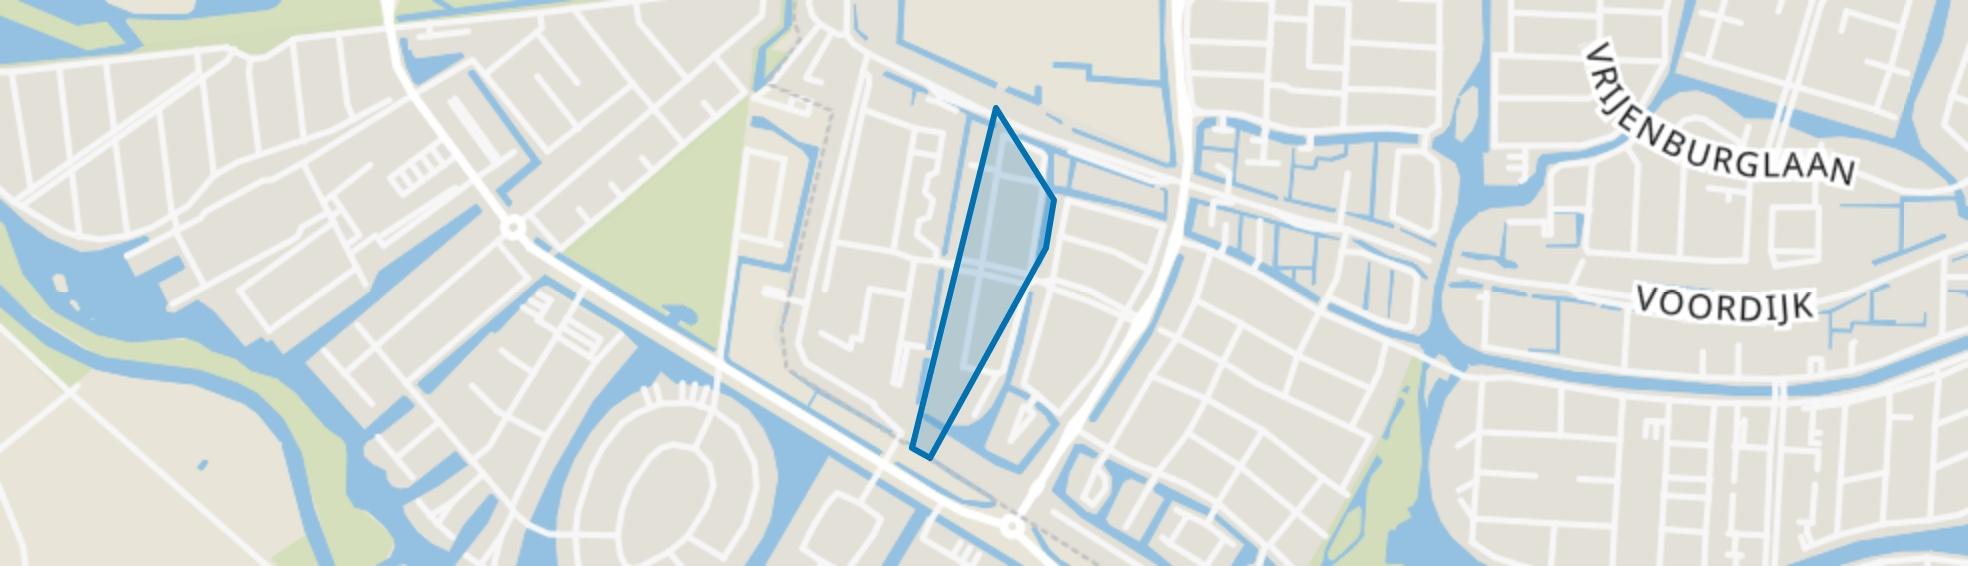 Smitshoek 1, Barendrecht map